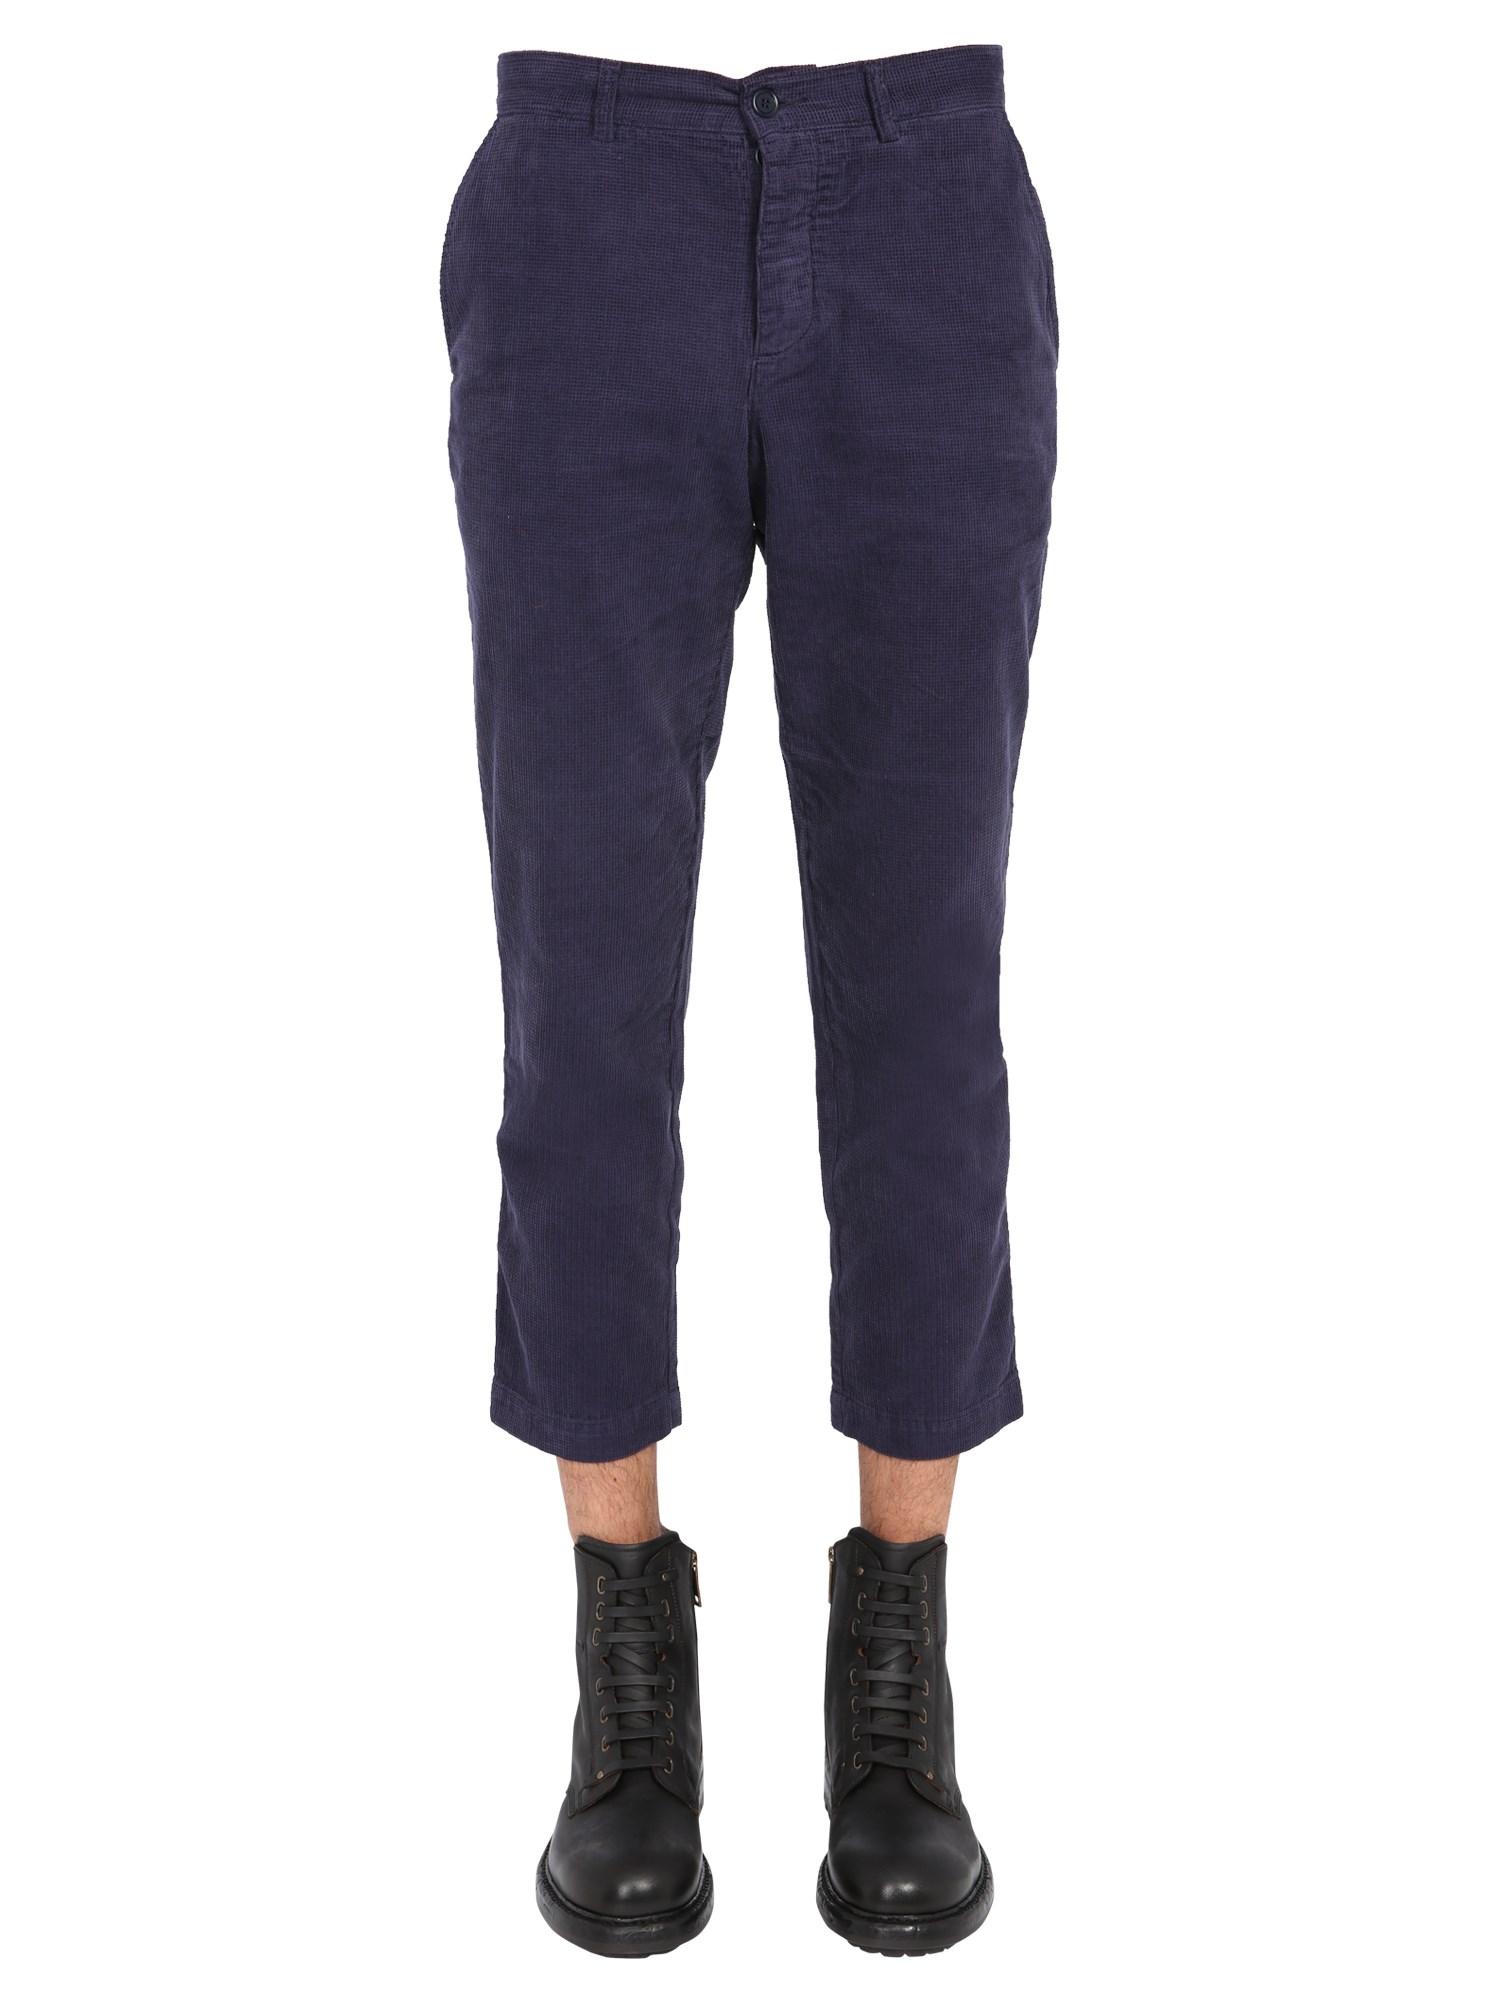 Ymc velvet pants - ymc - Modalova